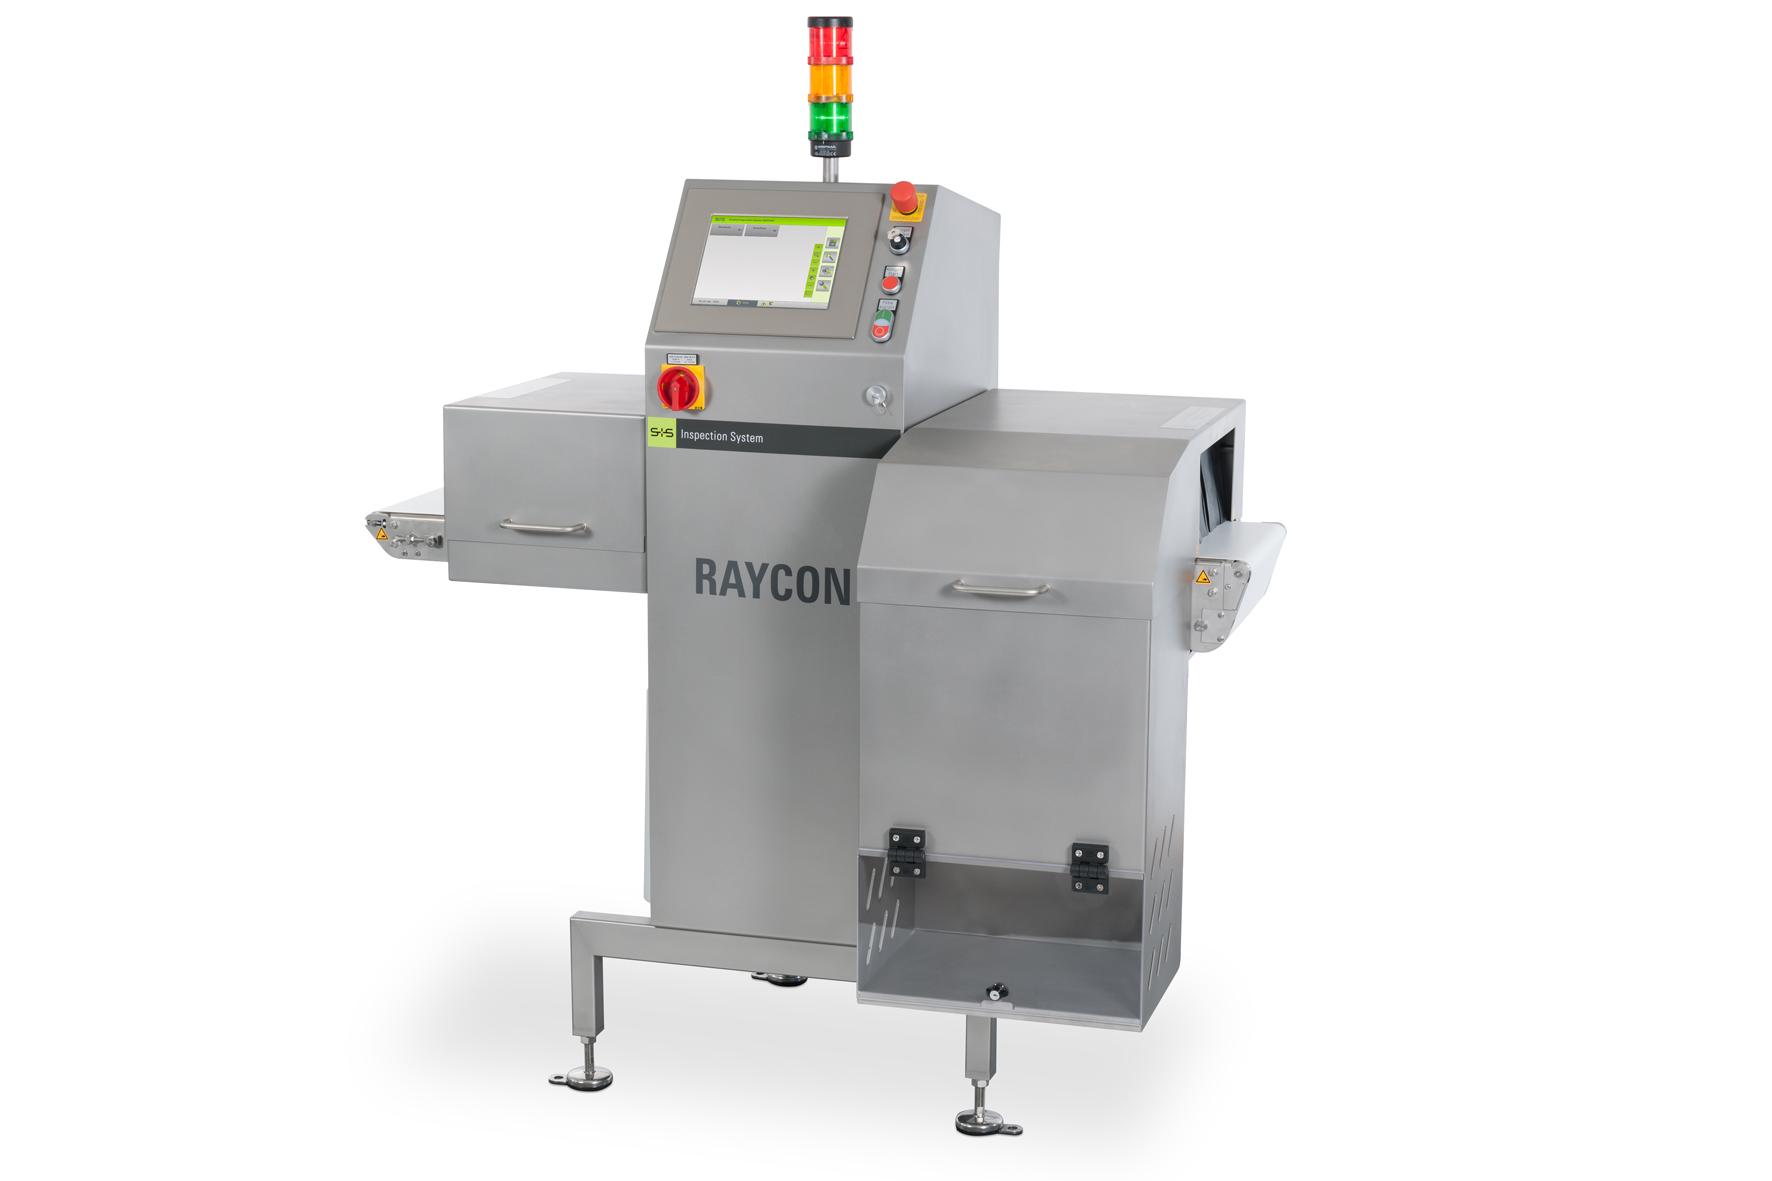 FachPack+2013+RAYCON Wunderschöne Bewegungsmelder Außen Mit Batterie Dekorationen